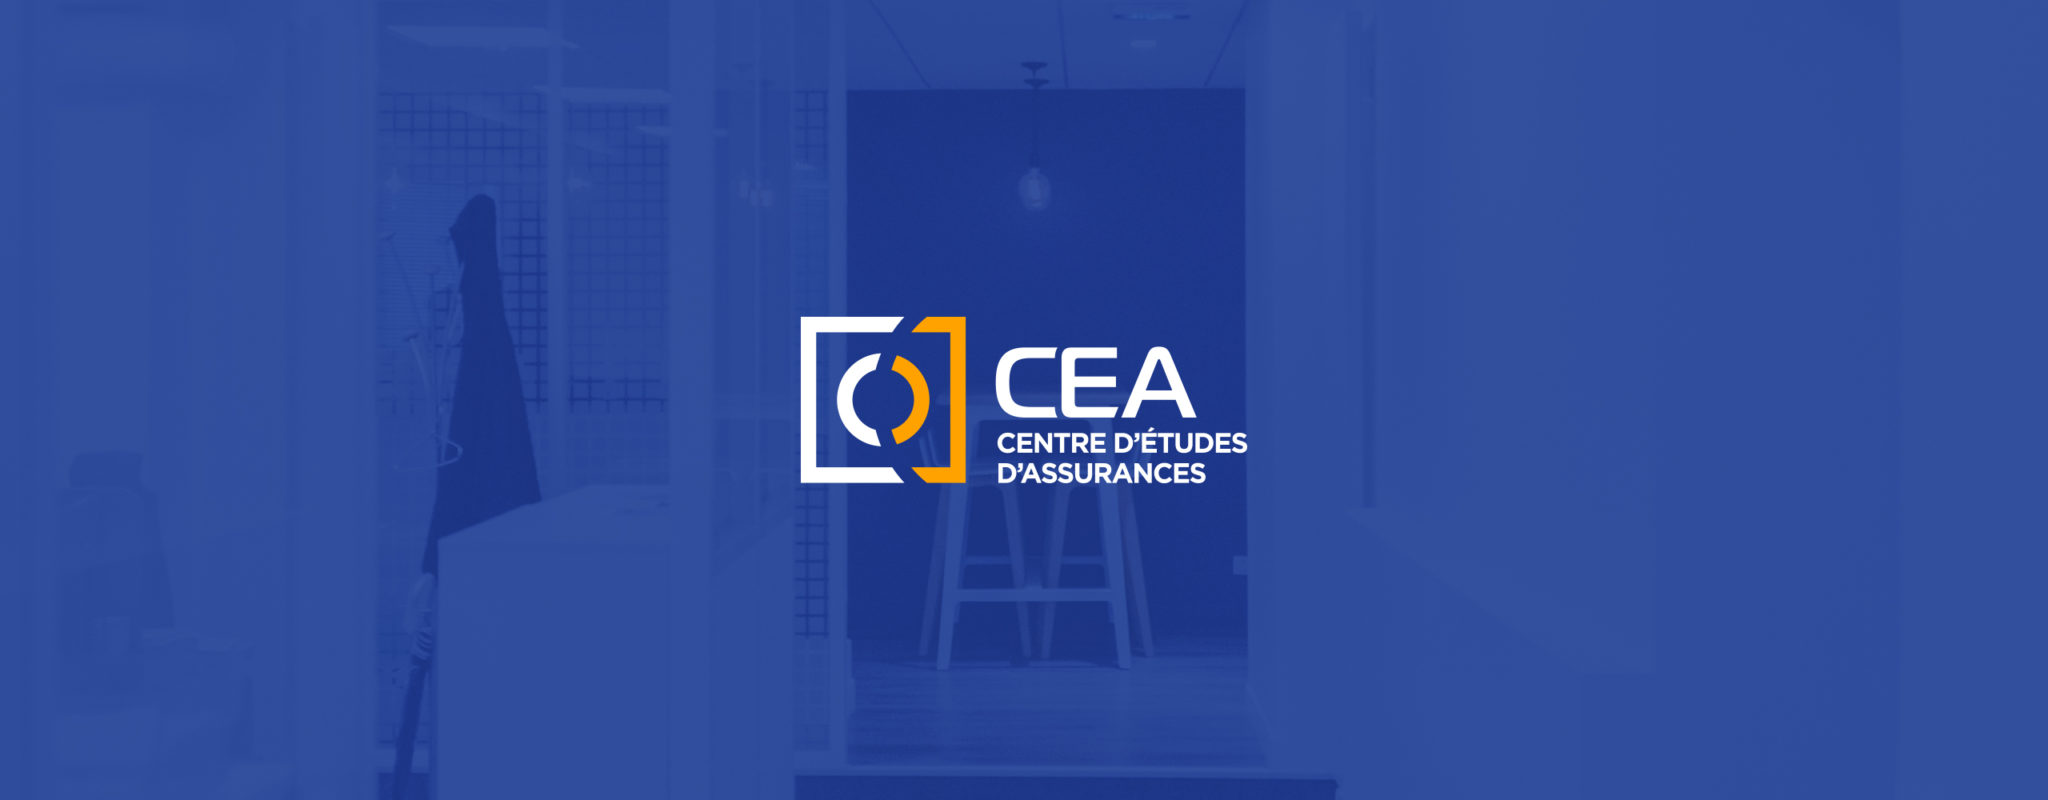 Banniere CEA bureaux CEA PARIS